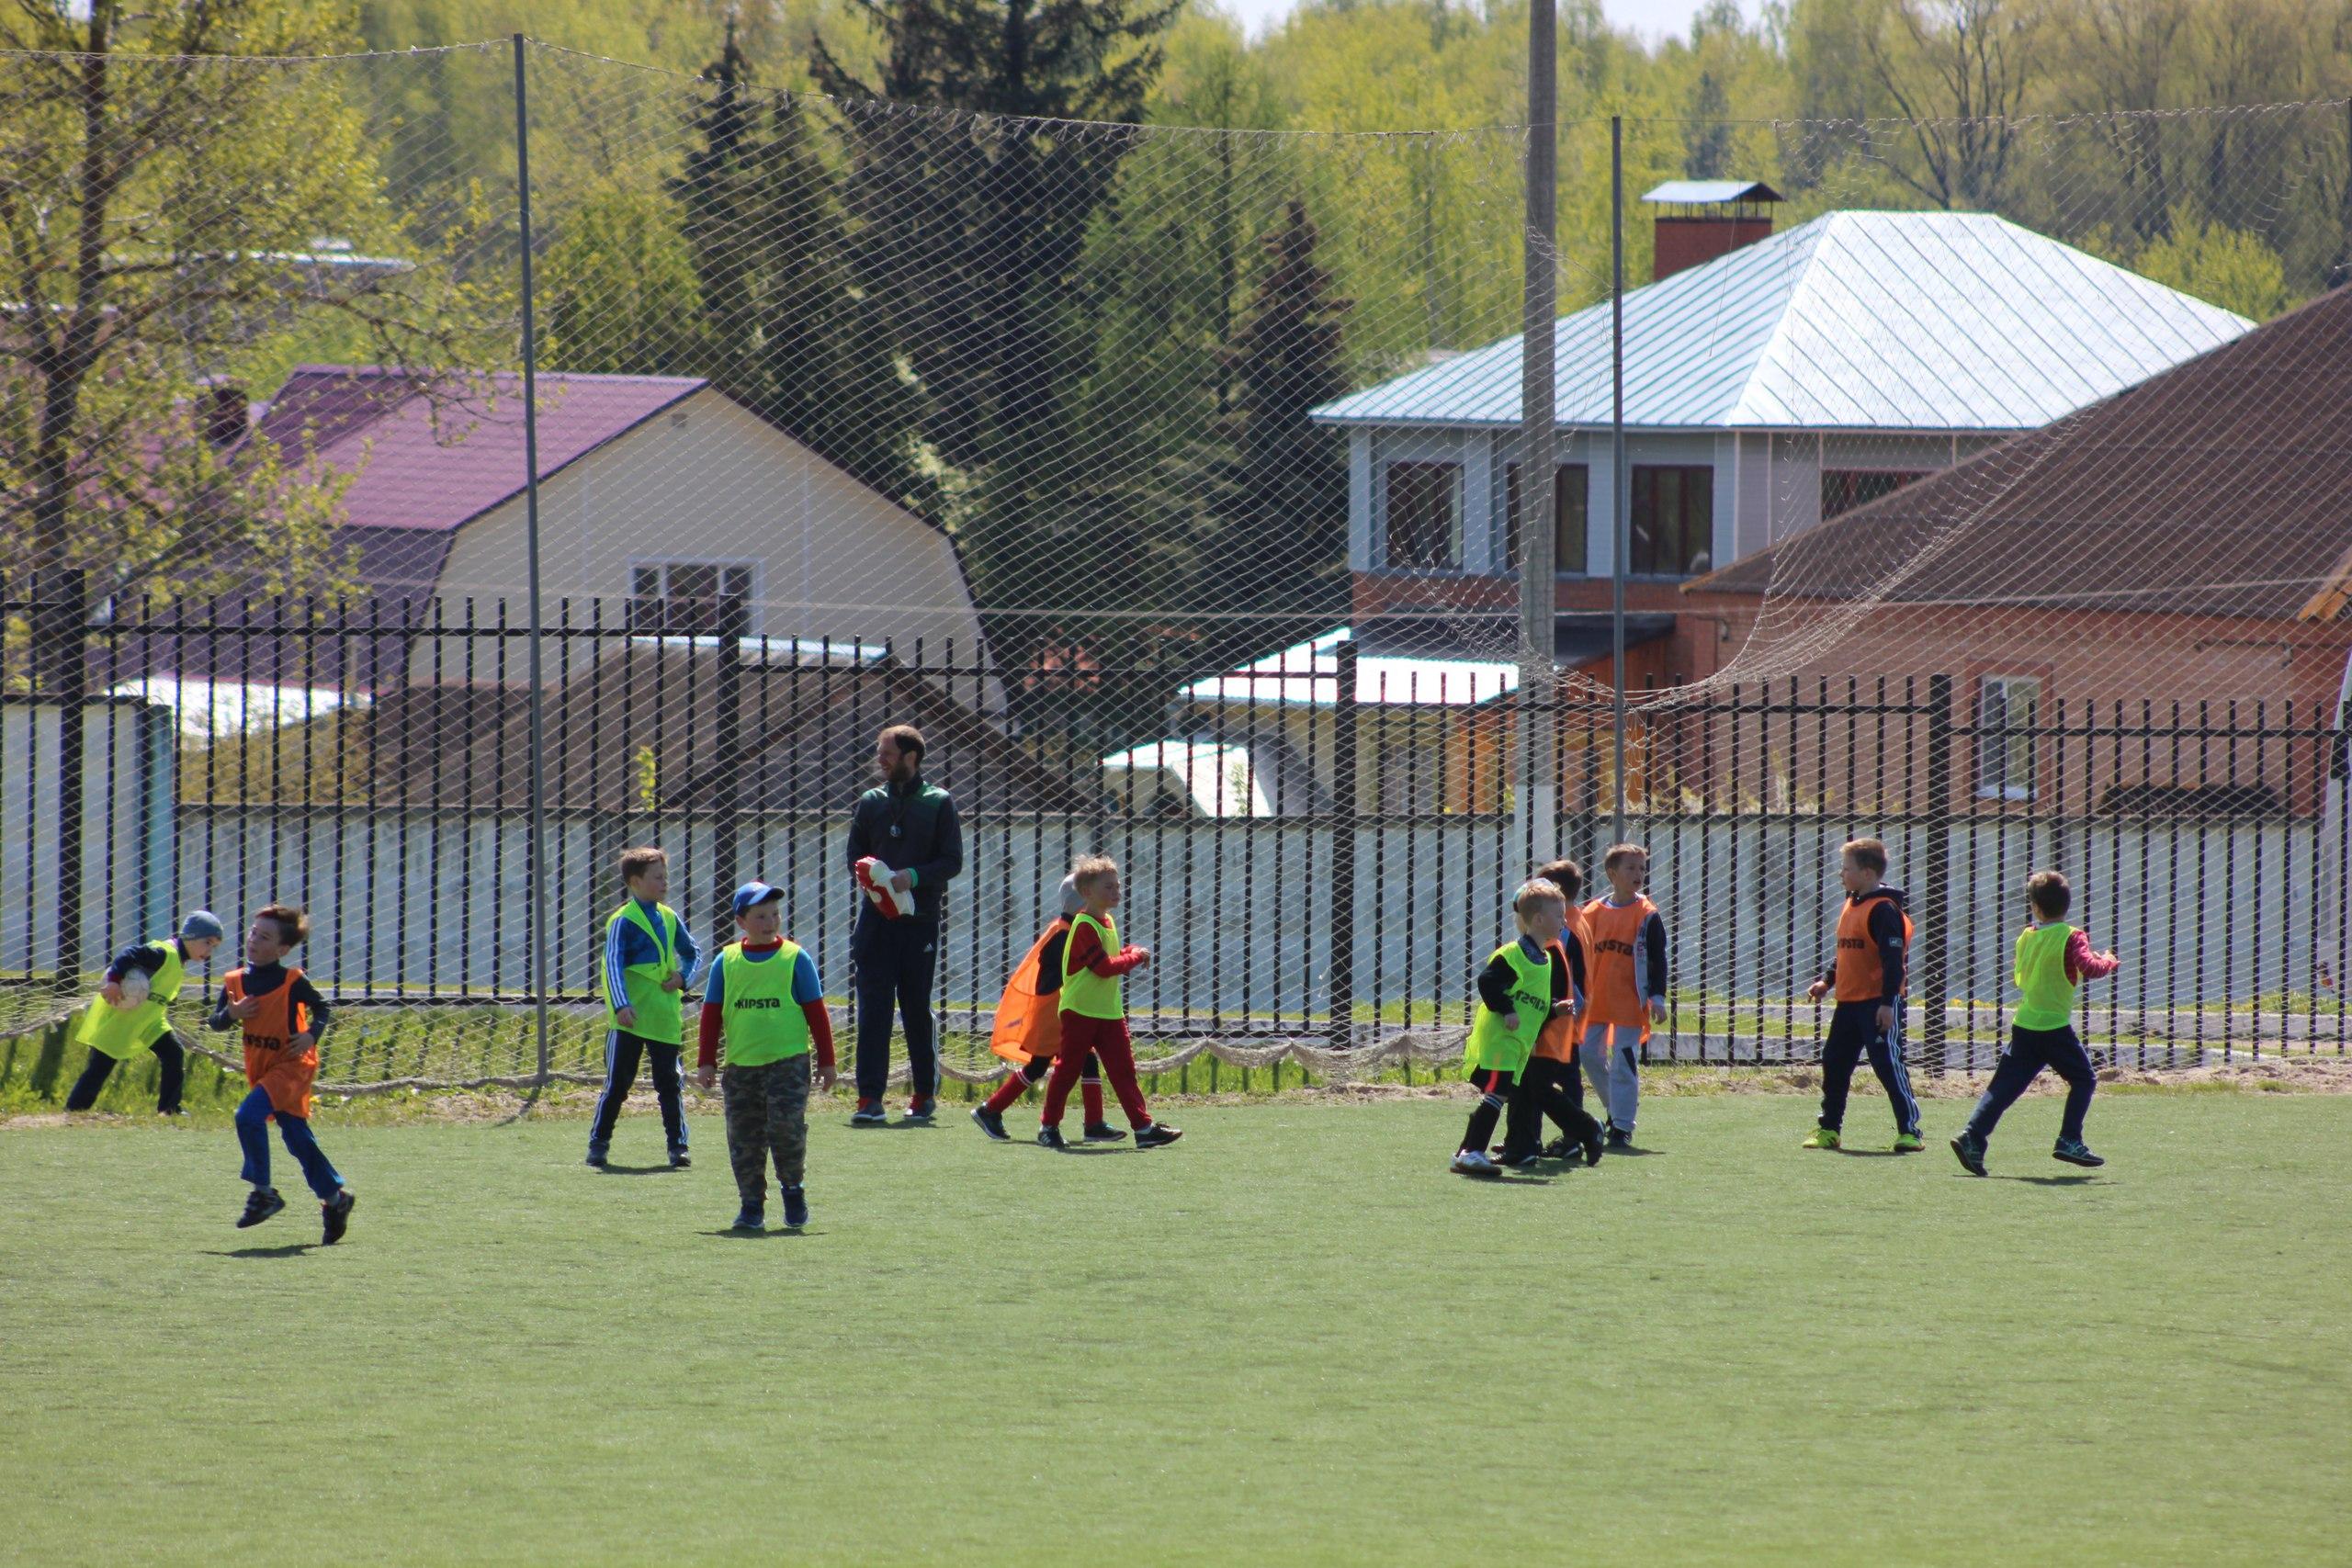 19 июня –  Всемирный день детского футбола и День Мотоциклиста.